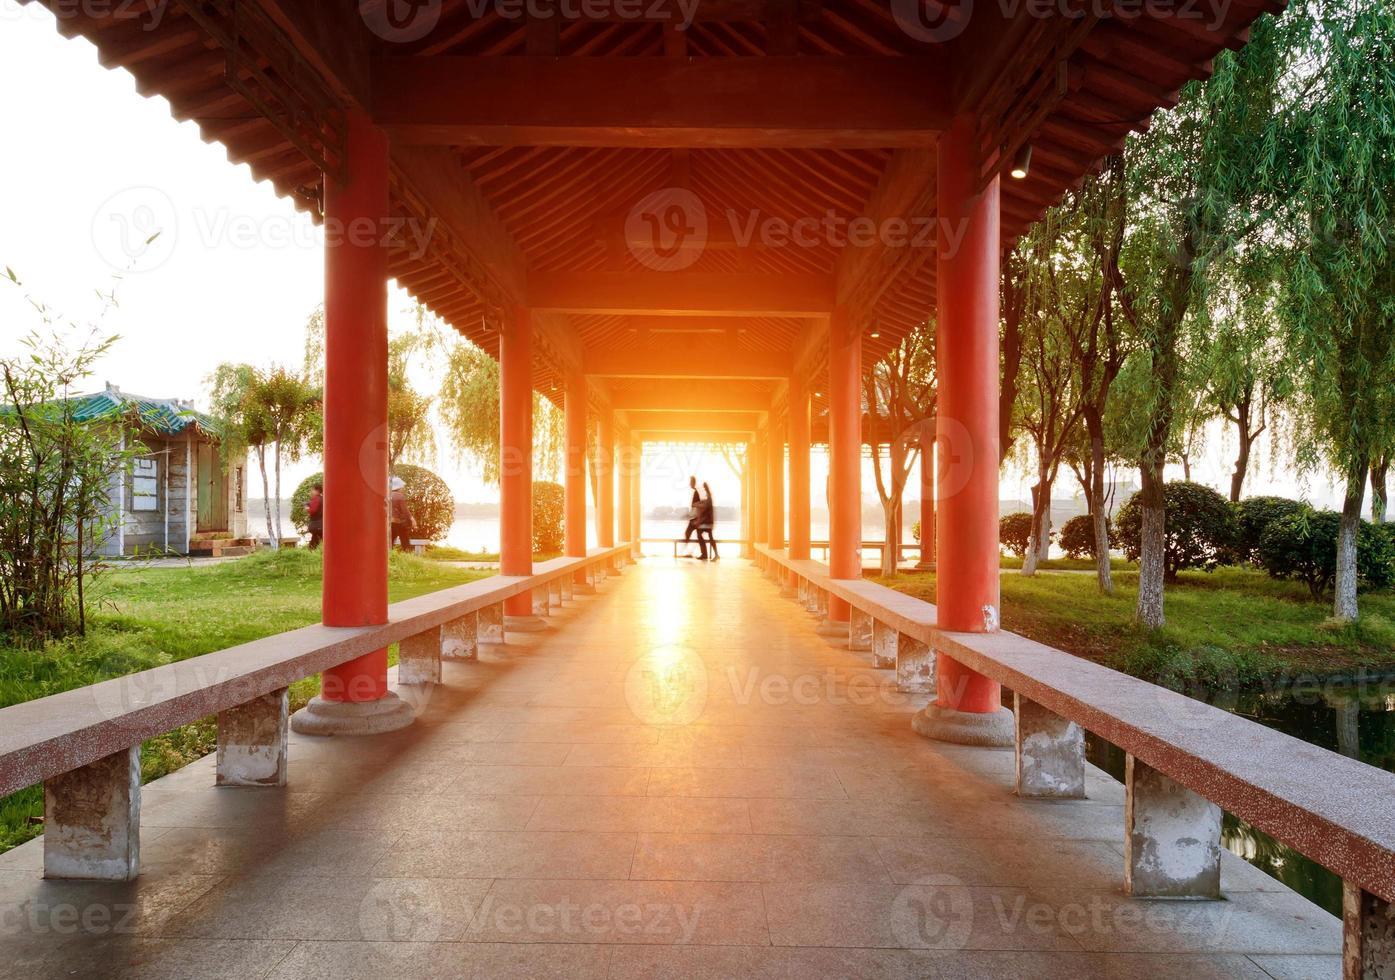 Suzhou gardens photo